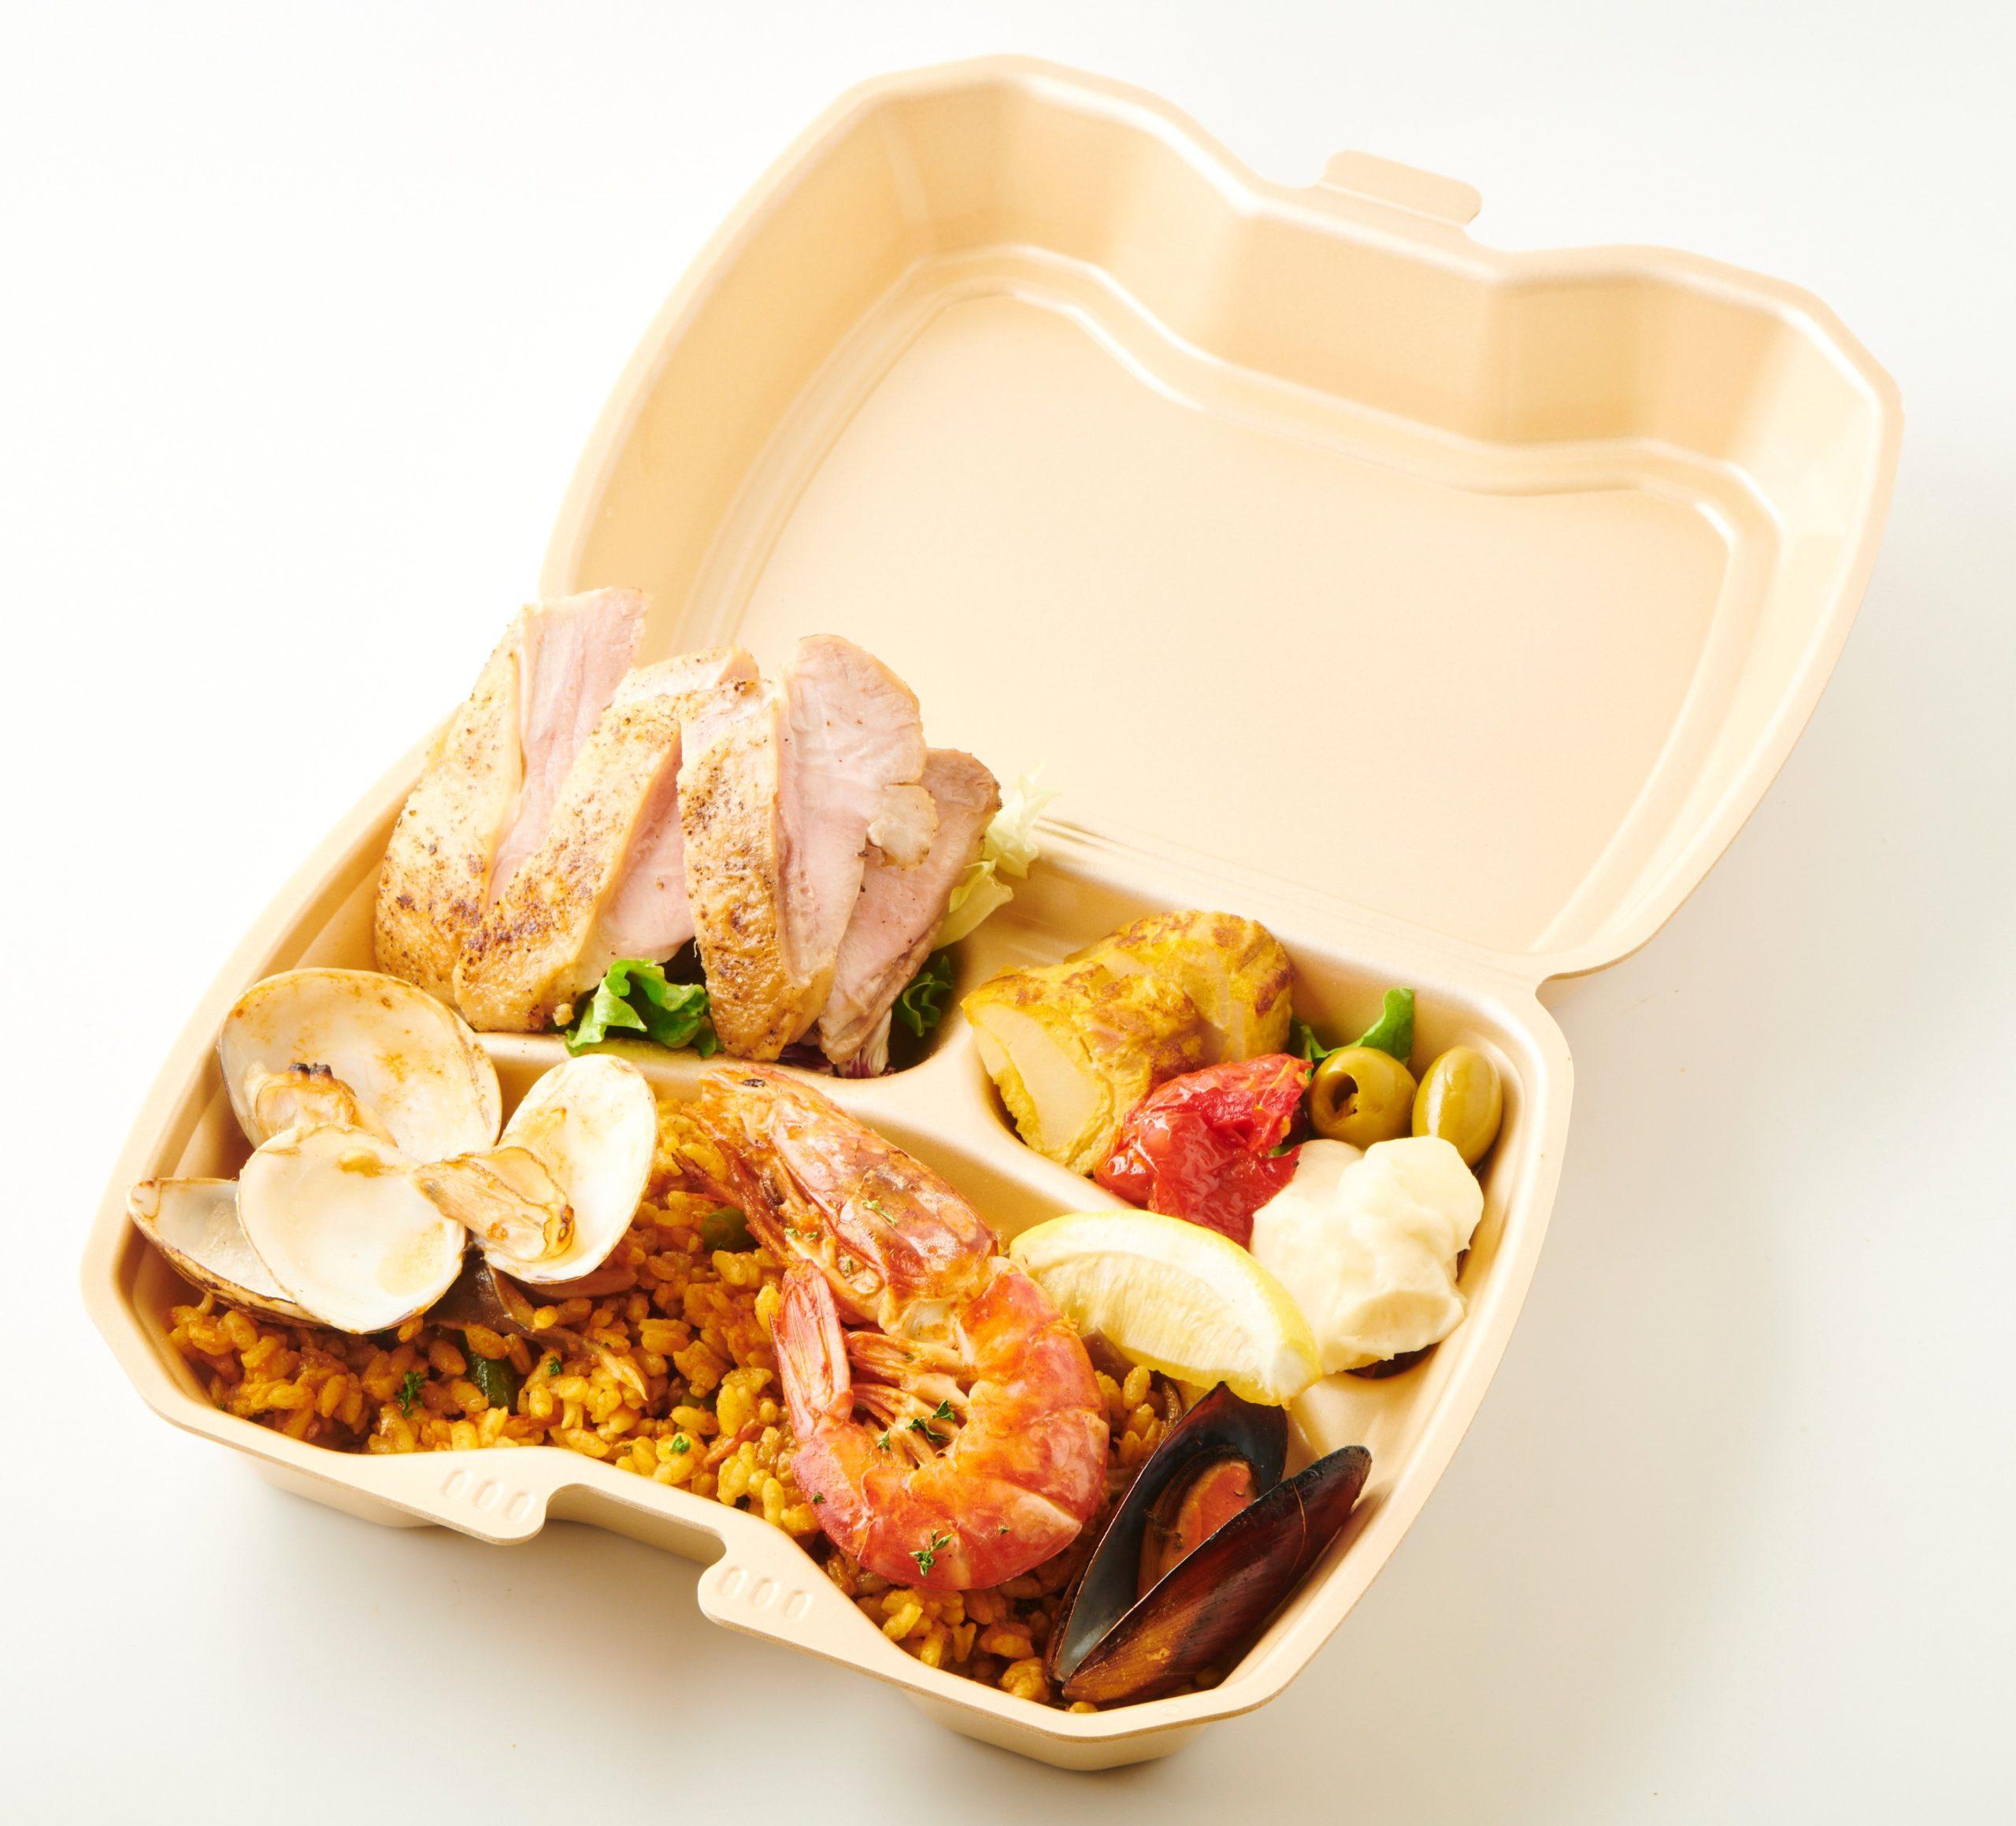 魚介のパエリアと桜姫鶏のステーキ弁当